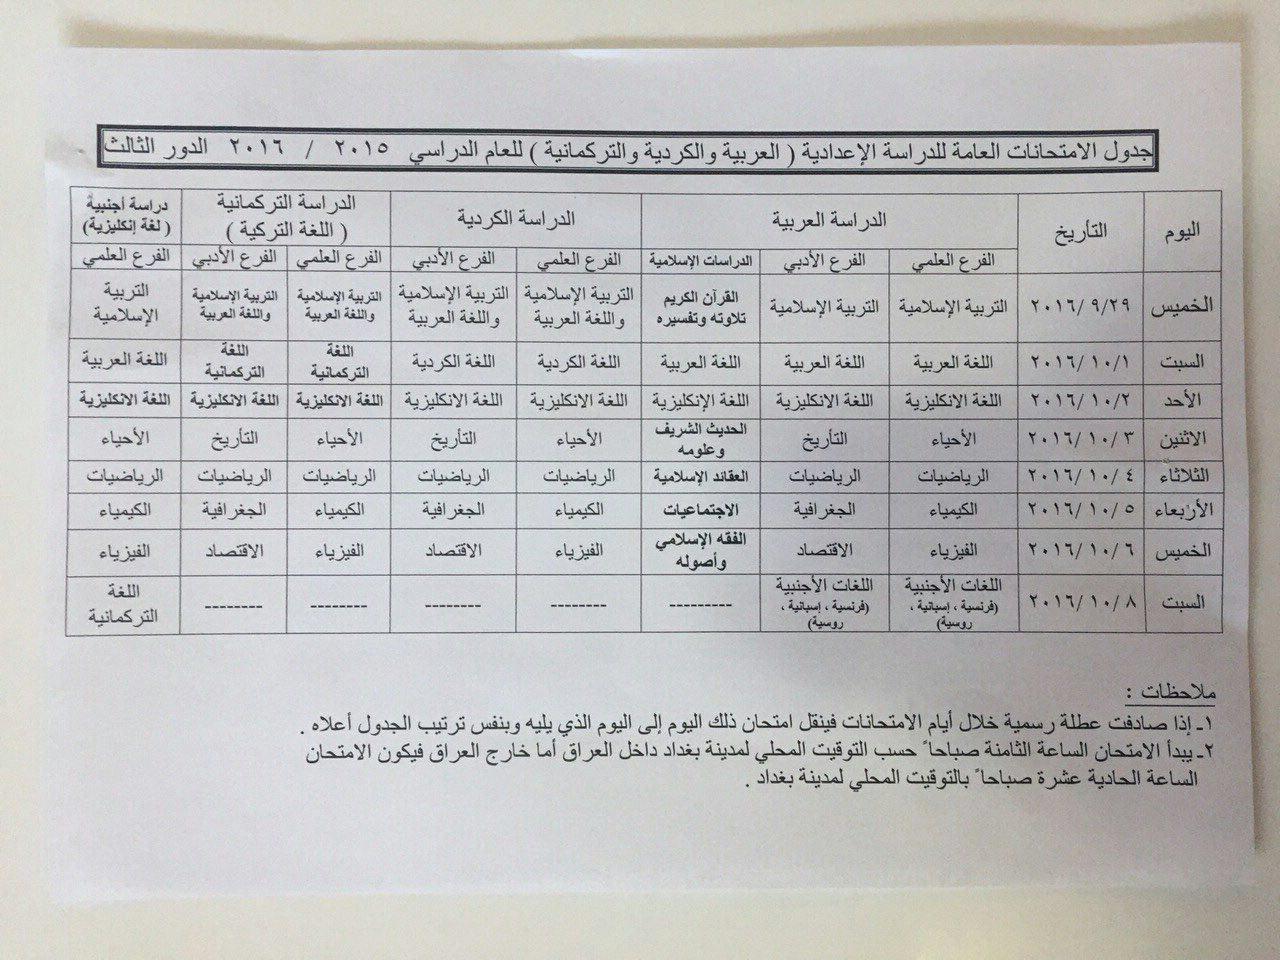 ننشر جدول امتحانات الدور الثالث في العراق للعام الدراسي 2015-2016